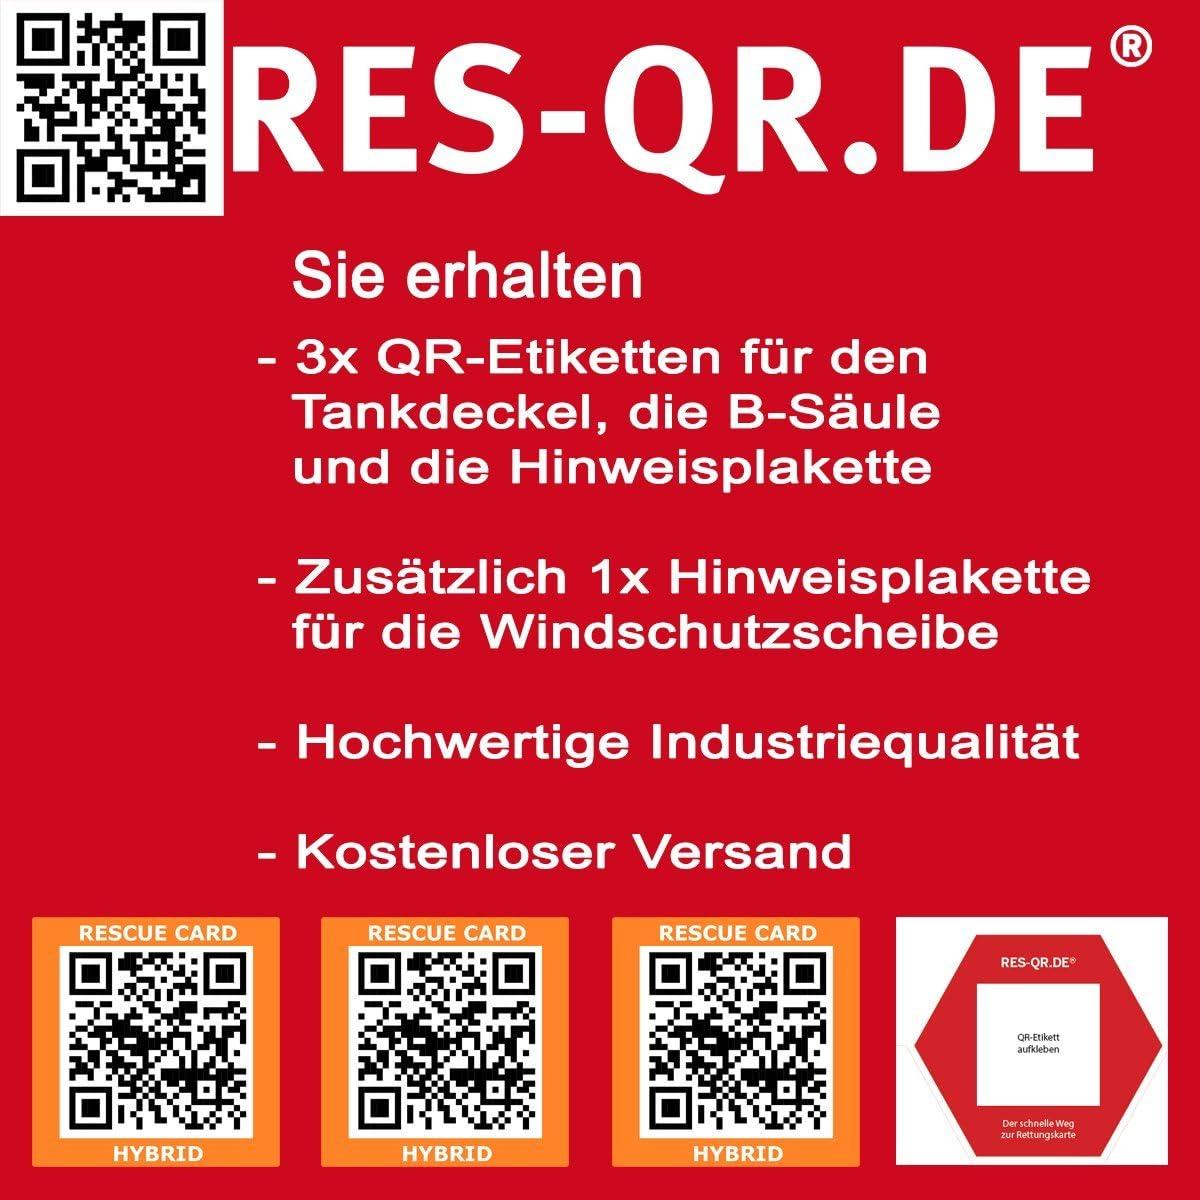 Seat Ibiza 5 T/ürer ab 2018 3 Etiketten Plus Hinweisplakette QR-Etiketten-Nachr/üst-Satz f/ür Zugang zur digitalen Rettungskarte